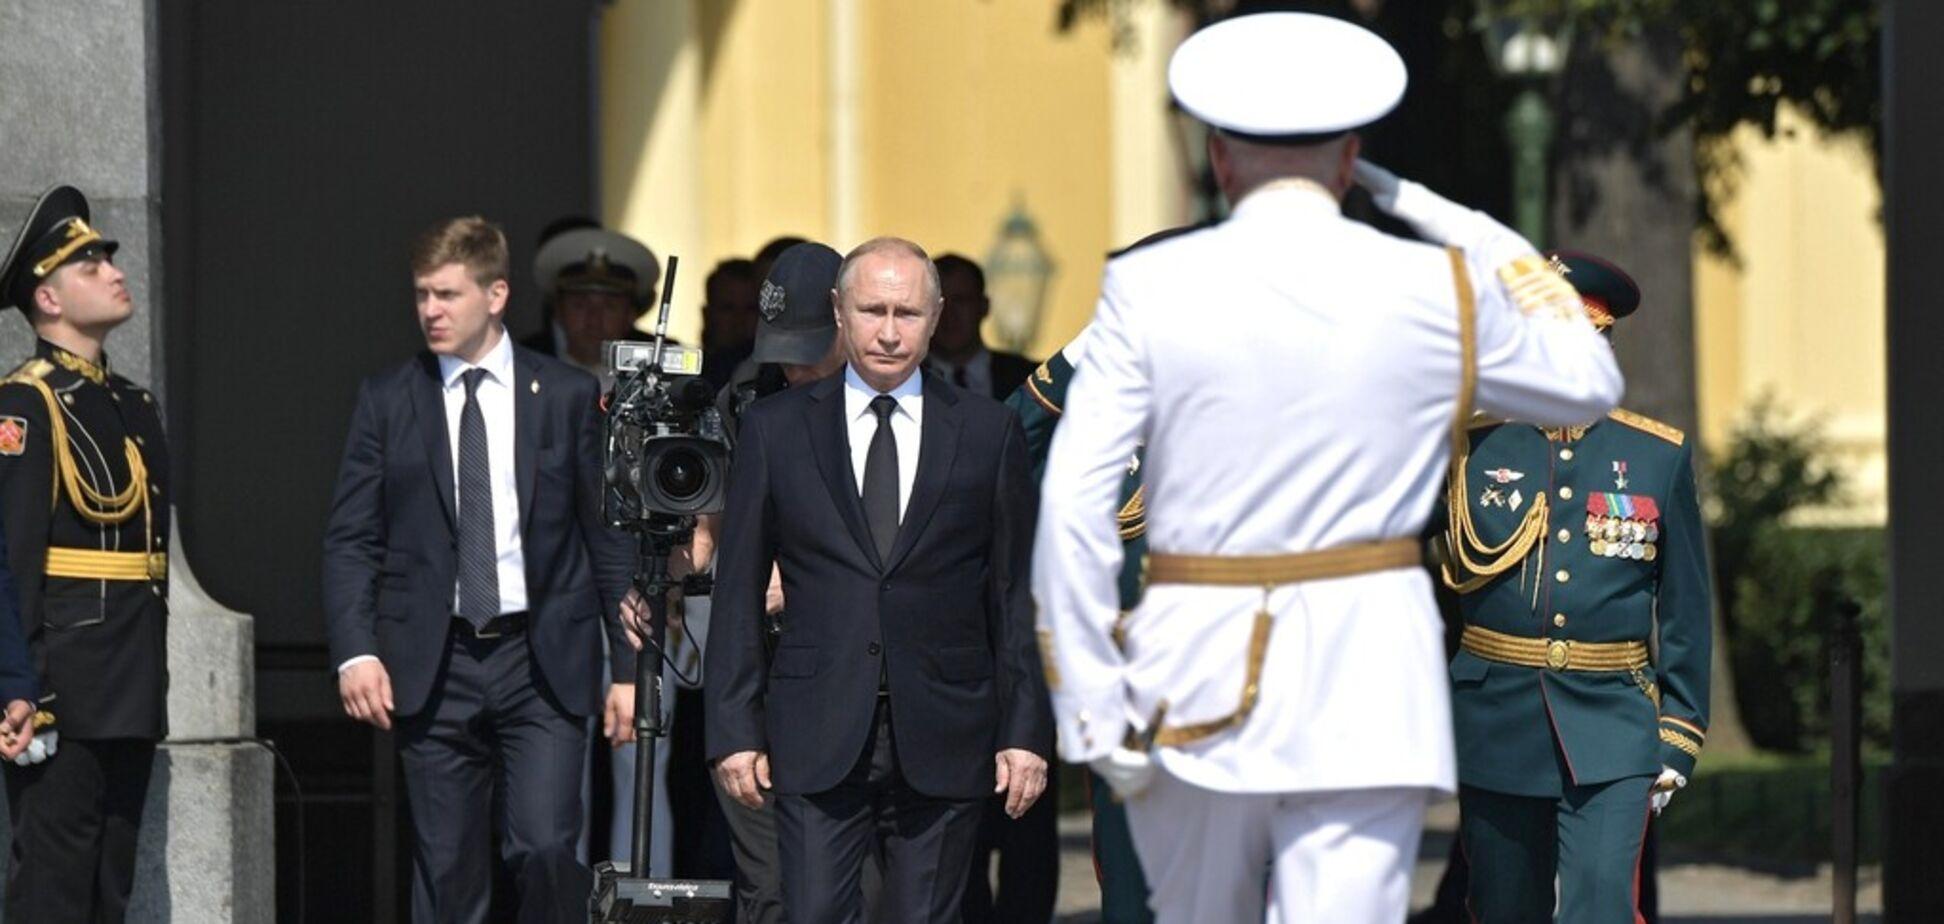 Режим Путина стремительно катится к гибели